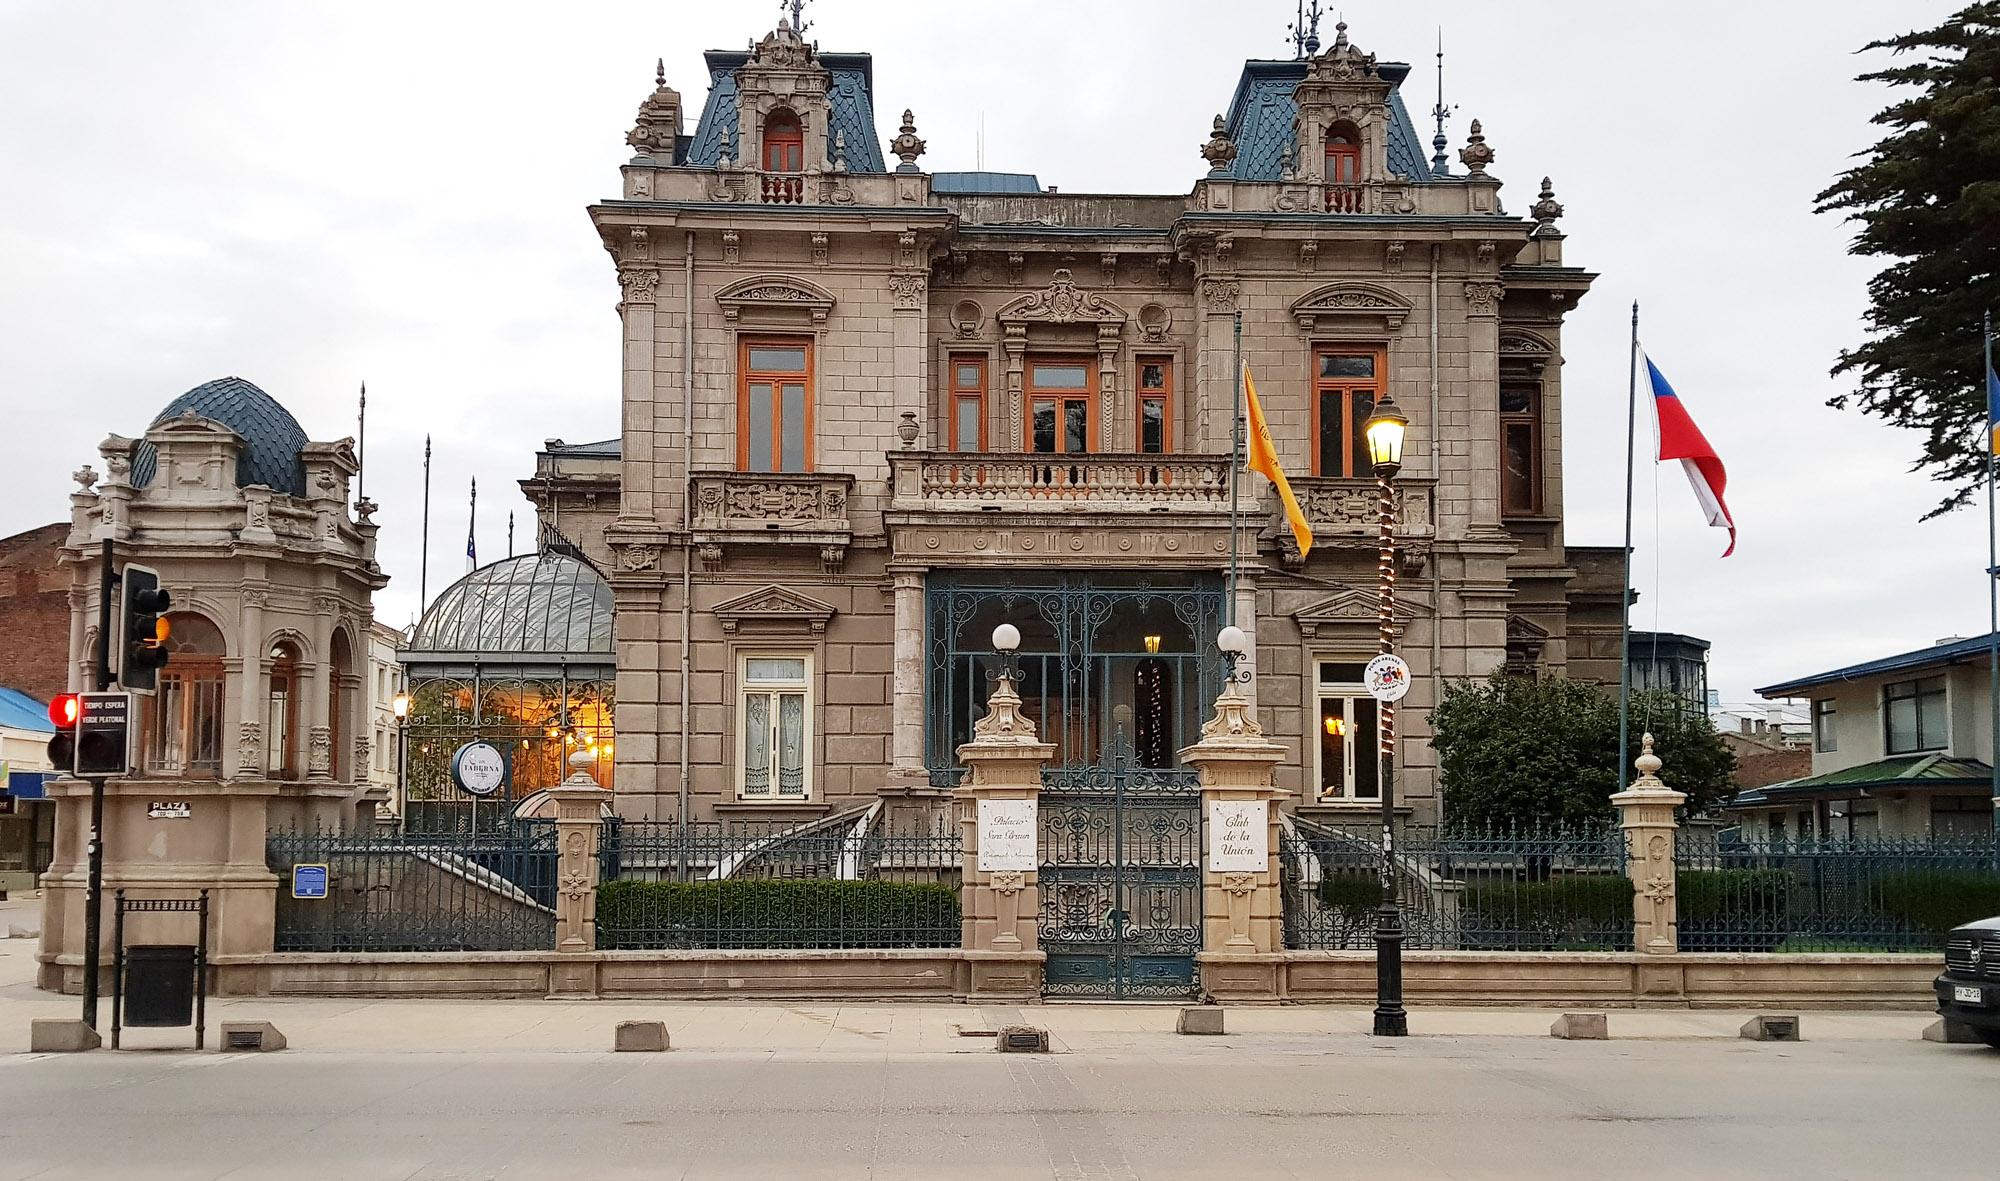 Palast von Sara Braun in Punta Arenas. 1905 vom französischen Architekt Numa Mayer fertiggestellt, wurde die gesamte Inneneinrichtung von Europa nach Chile gebracht.